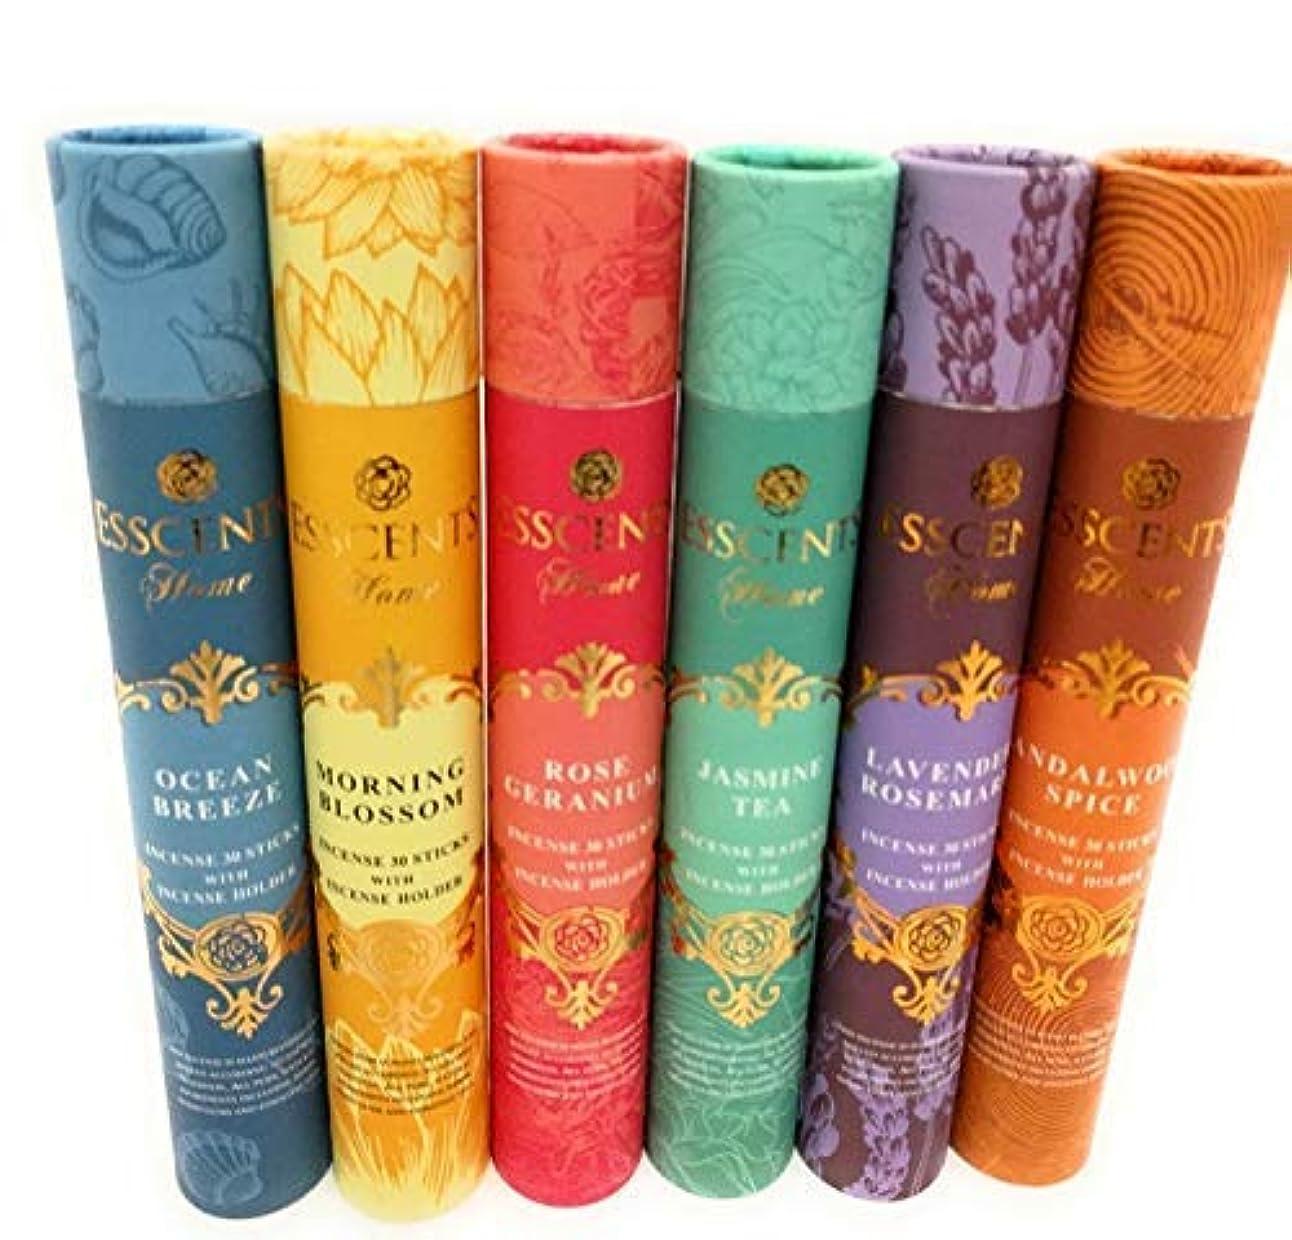 提供するしてはいけない作りEssence incense gift pack 180 sticks with incense holder 6 flavours, Ocean,Morning Blosom,Jasmine tea,Rose Geranium...